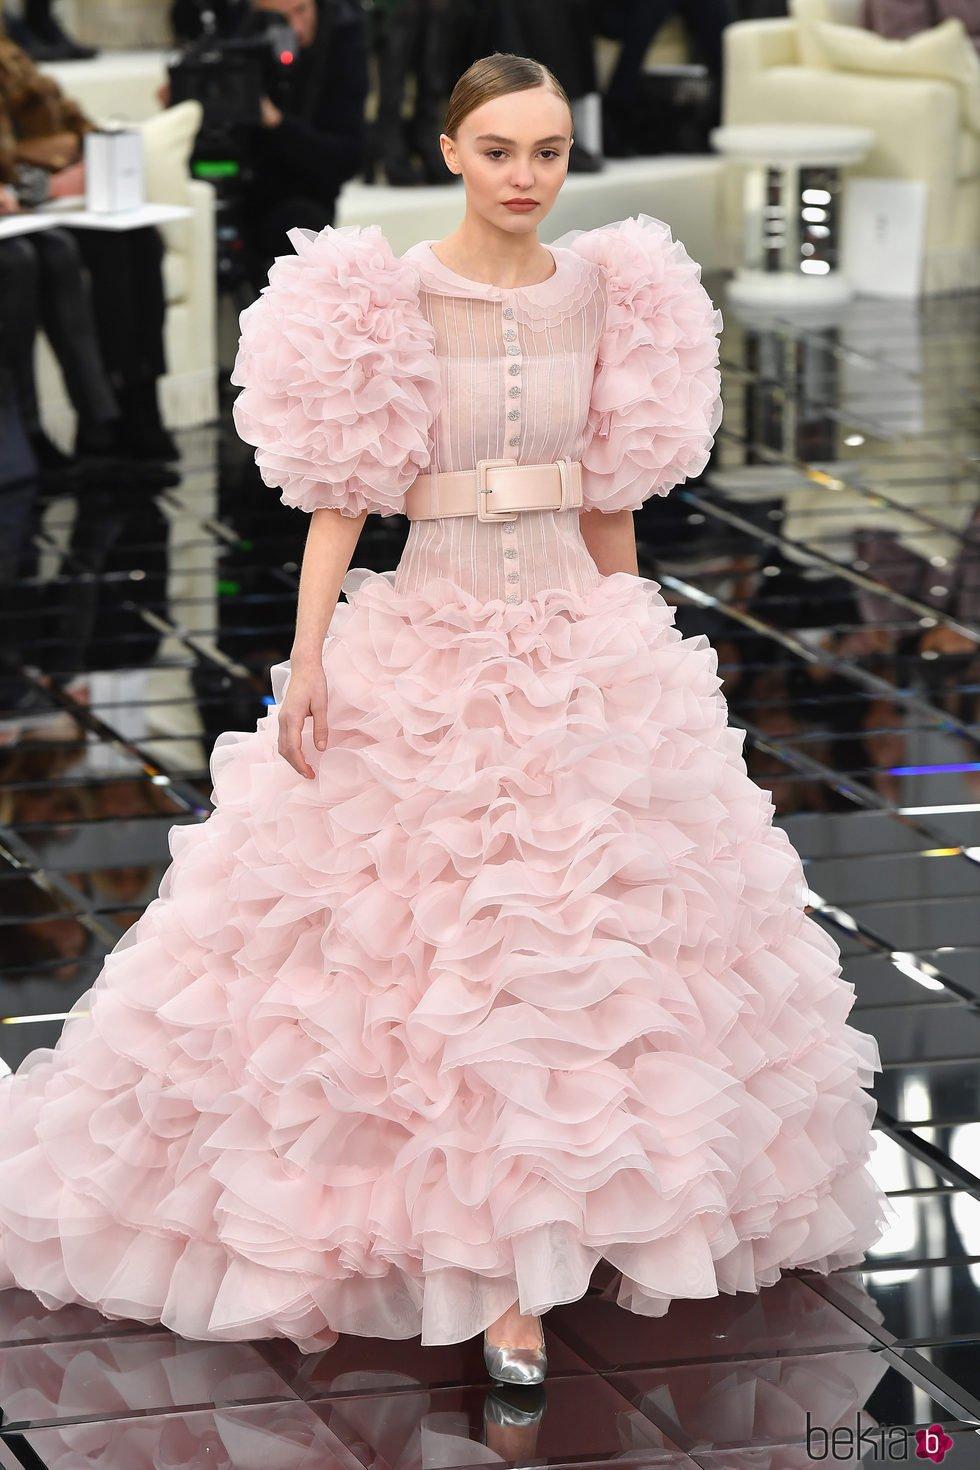 Lujo Vestidos De Novia Coco Chanel Regalo - Colección de Vestidos de ...